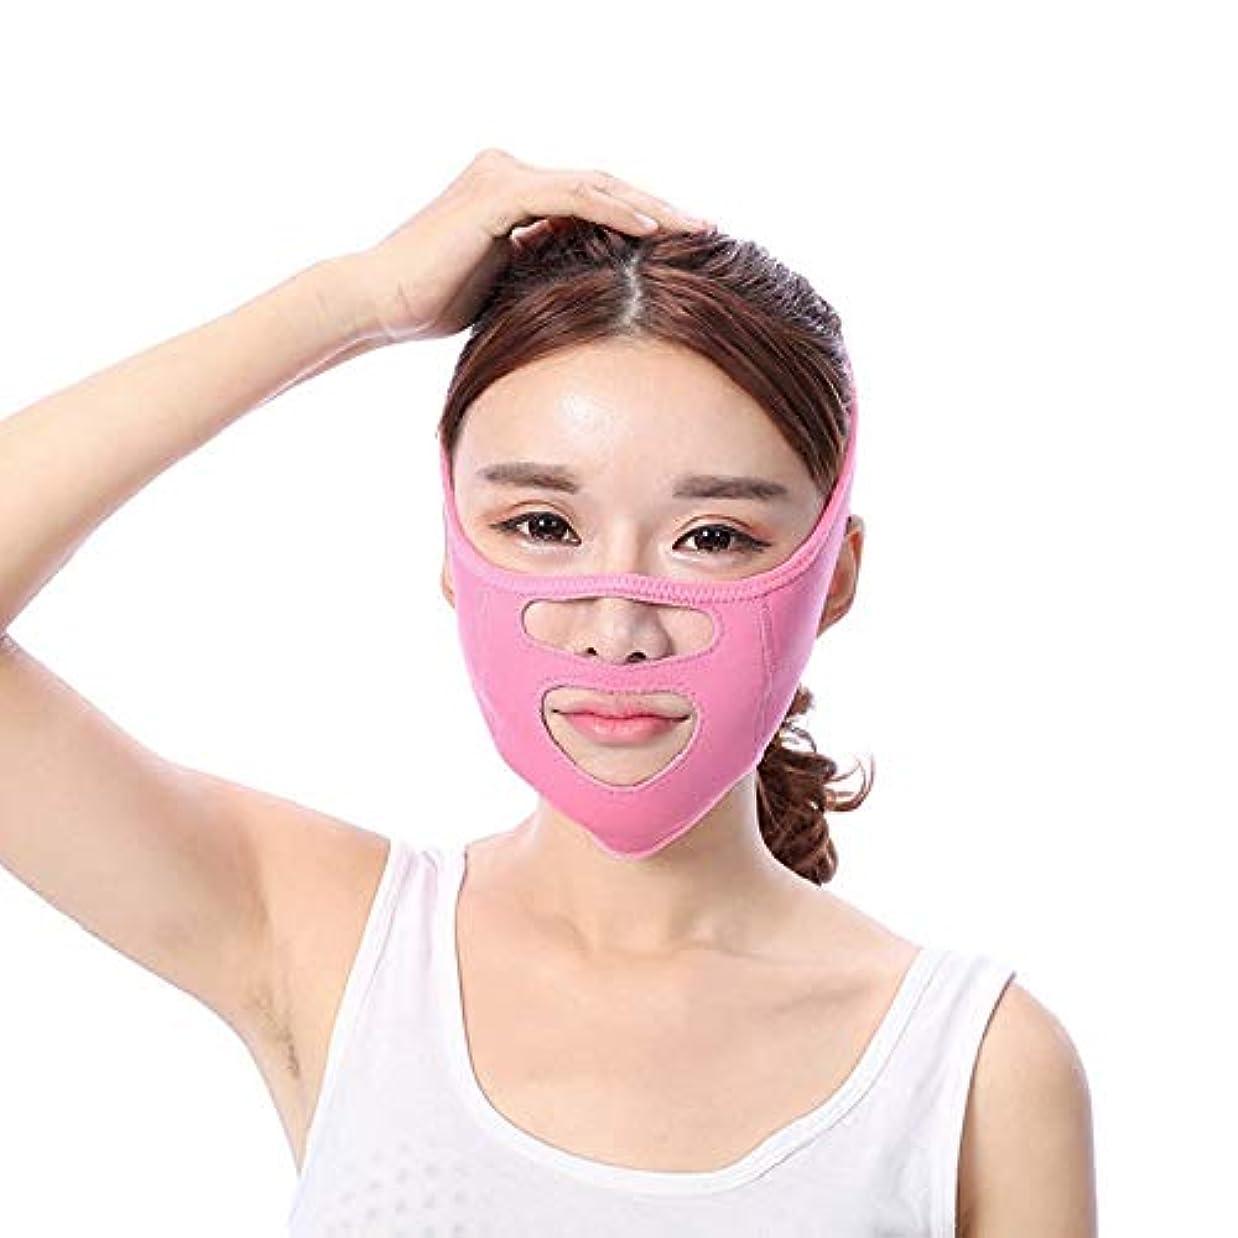 令状窓哲学者GYZ 顔の持ち上がる痩身ベルト - あなたの顔のための素晴らしいトレーニング二重あごのワークアウトフェイスマスクベルト薄い顔包帯整形マスクは顔と首を締めますフェイススリム Thin Face Belt